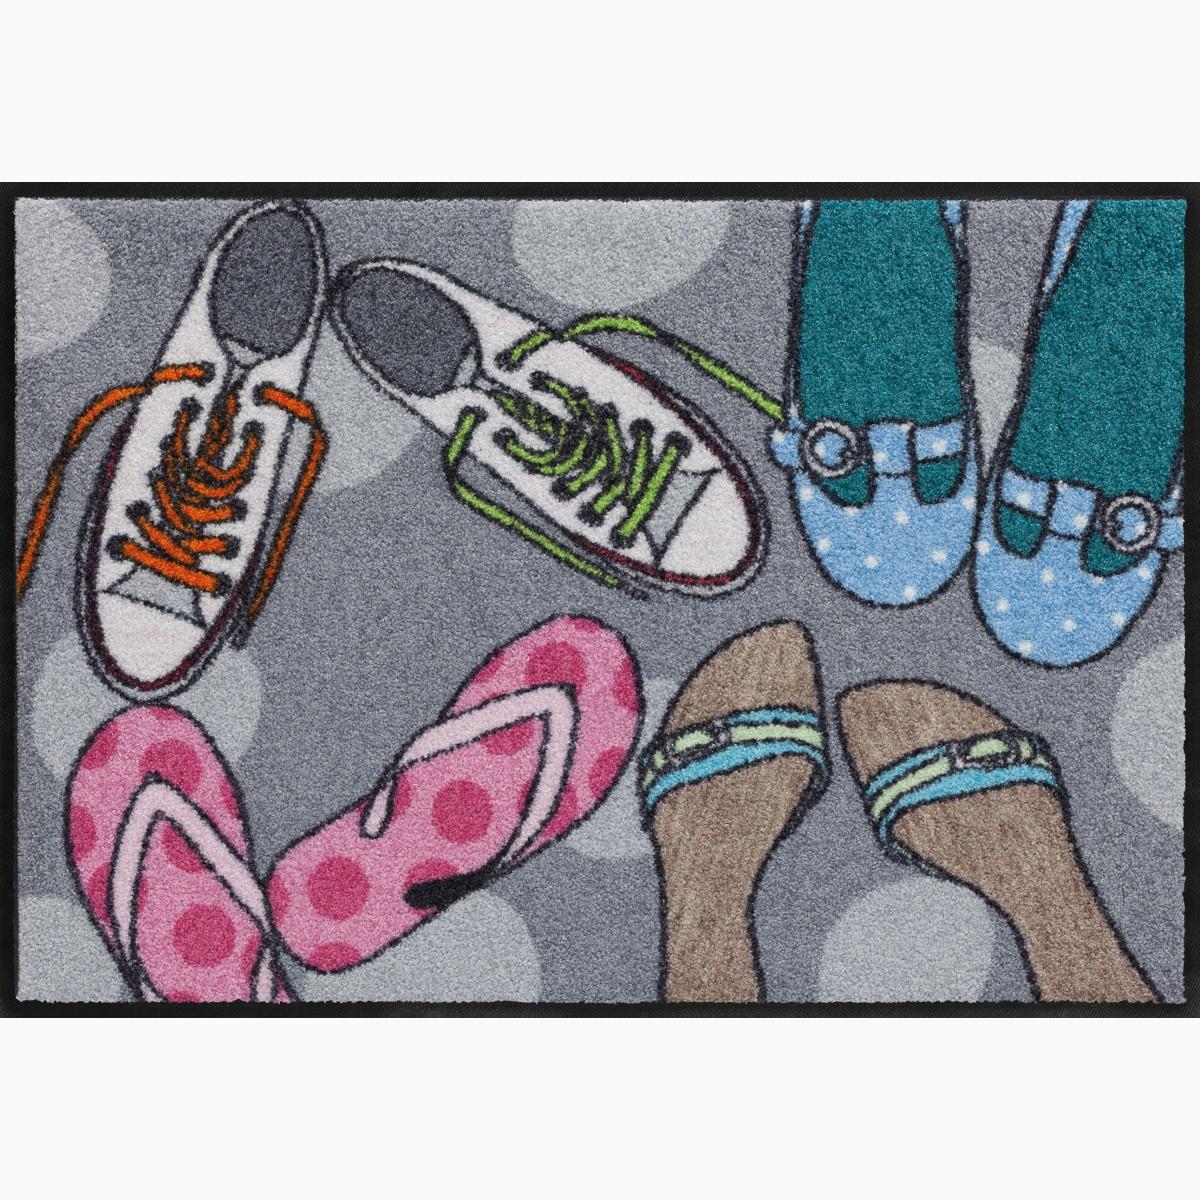 Fußmatte Salonloewe Schuh-Treffpunkt